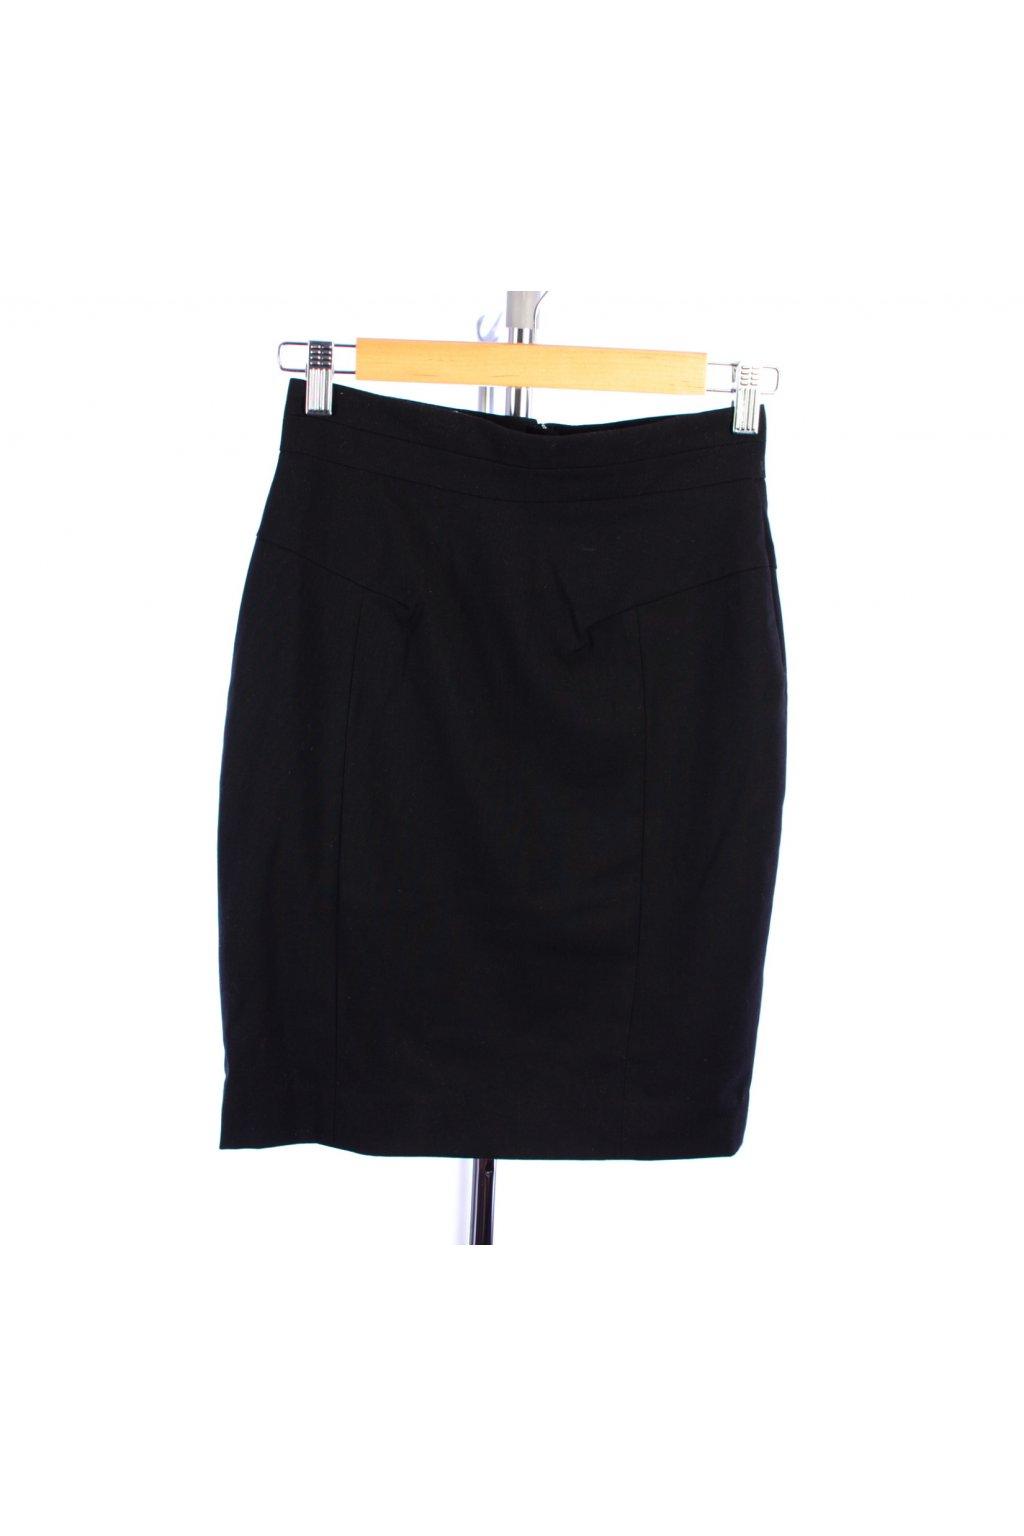 Sukně černá H&M vel. 34 / XS